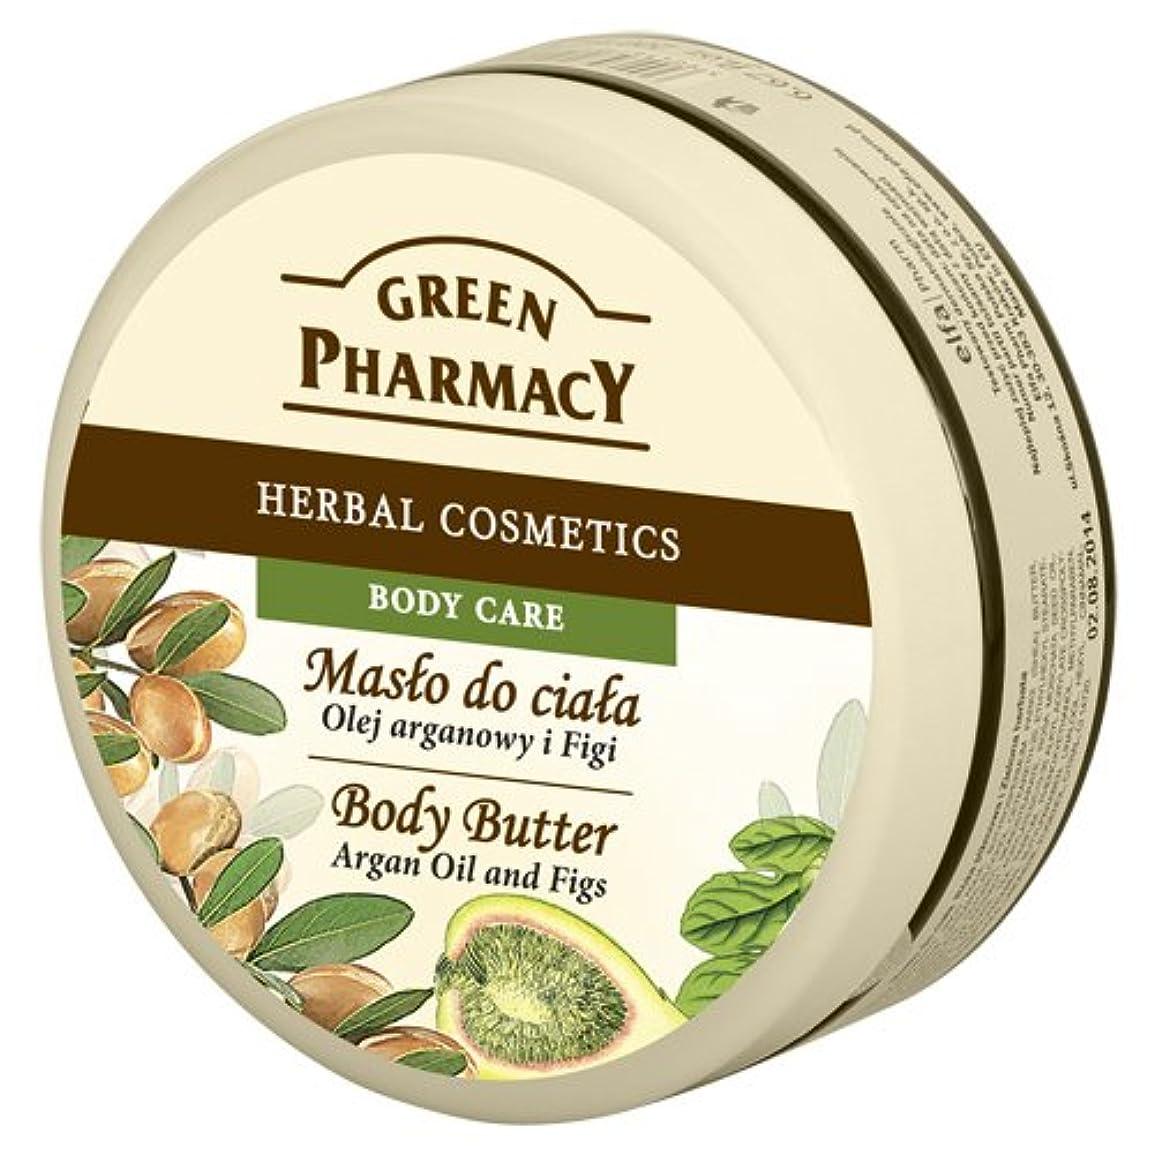 職業学部長閃光Elfa Pharm Green Pharmacy グリーンファーマシー Body Butter ボディバター Argan Oil and Figs